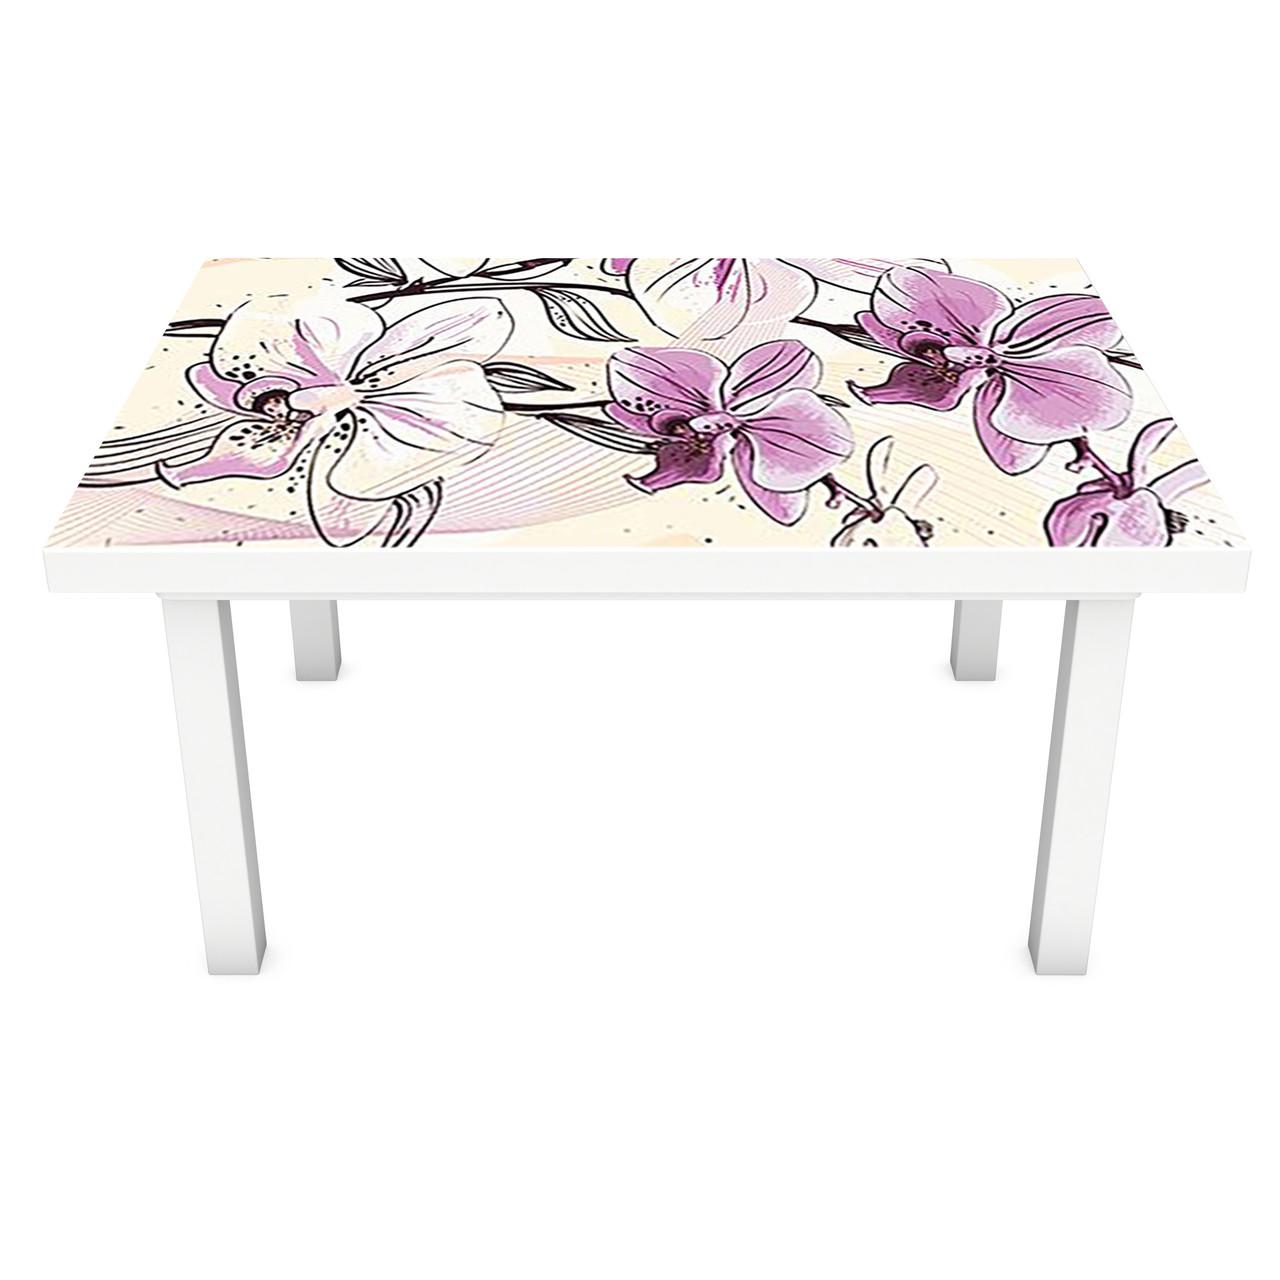 Наклейка 3Д виниловая на стол Zatarga «Нарисованные Орхидеи» 600х1200 мм для домов, квартир, столов,